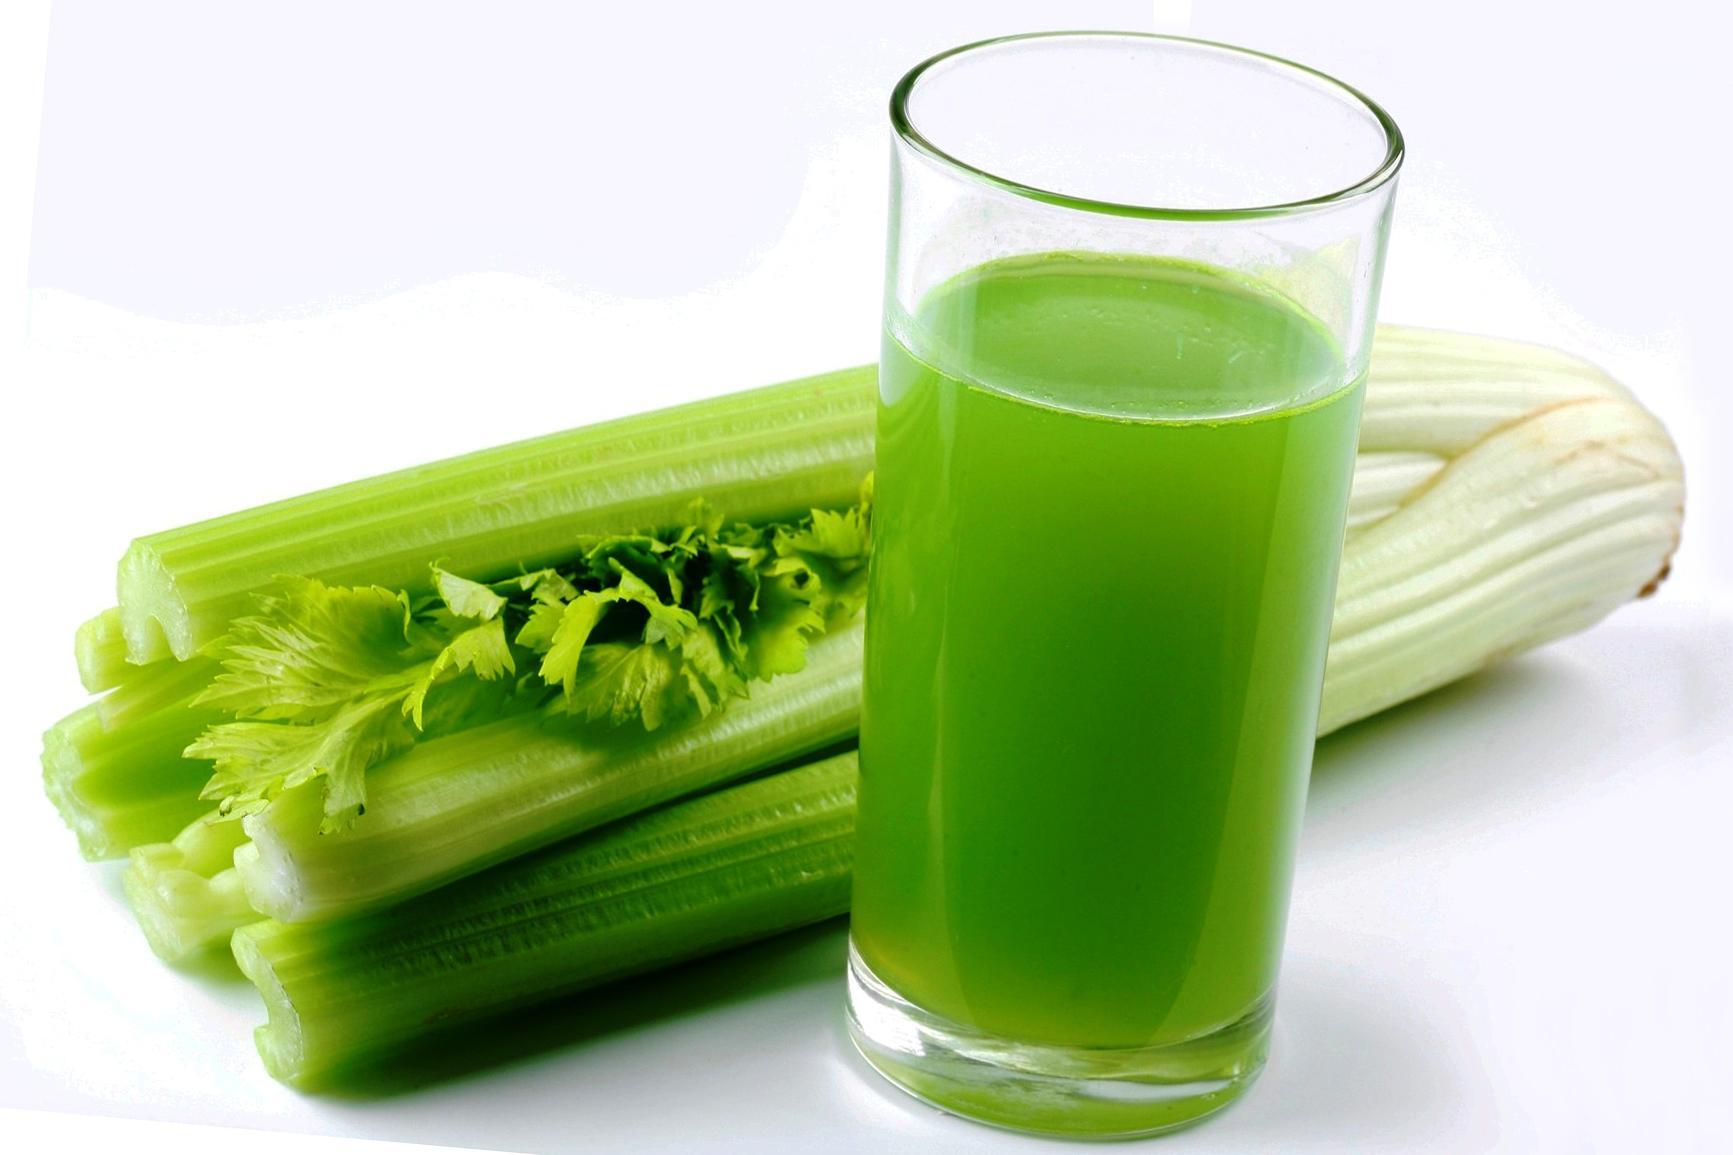 как пить гербалайф чтобы быстро похудеть